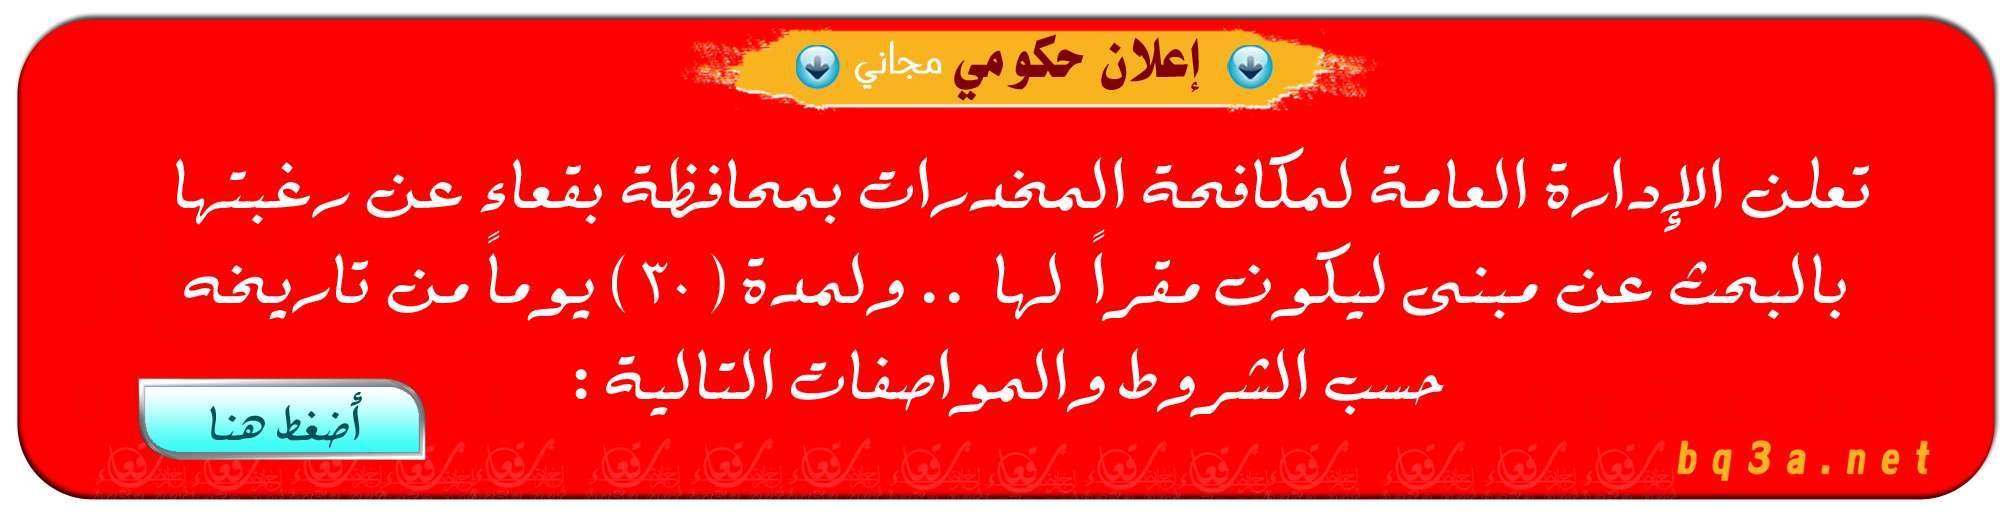 دعوة أهالي محافظة بقعاء